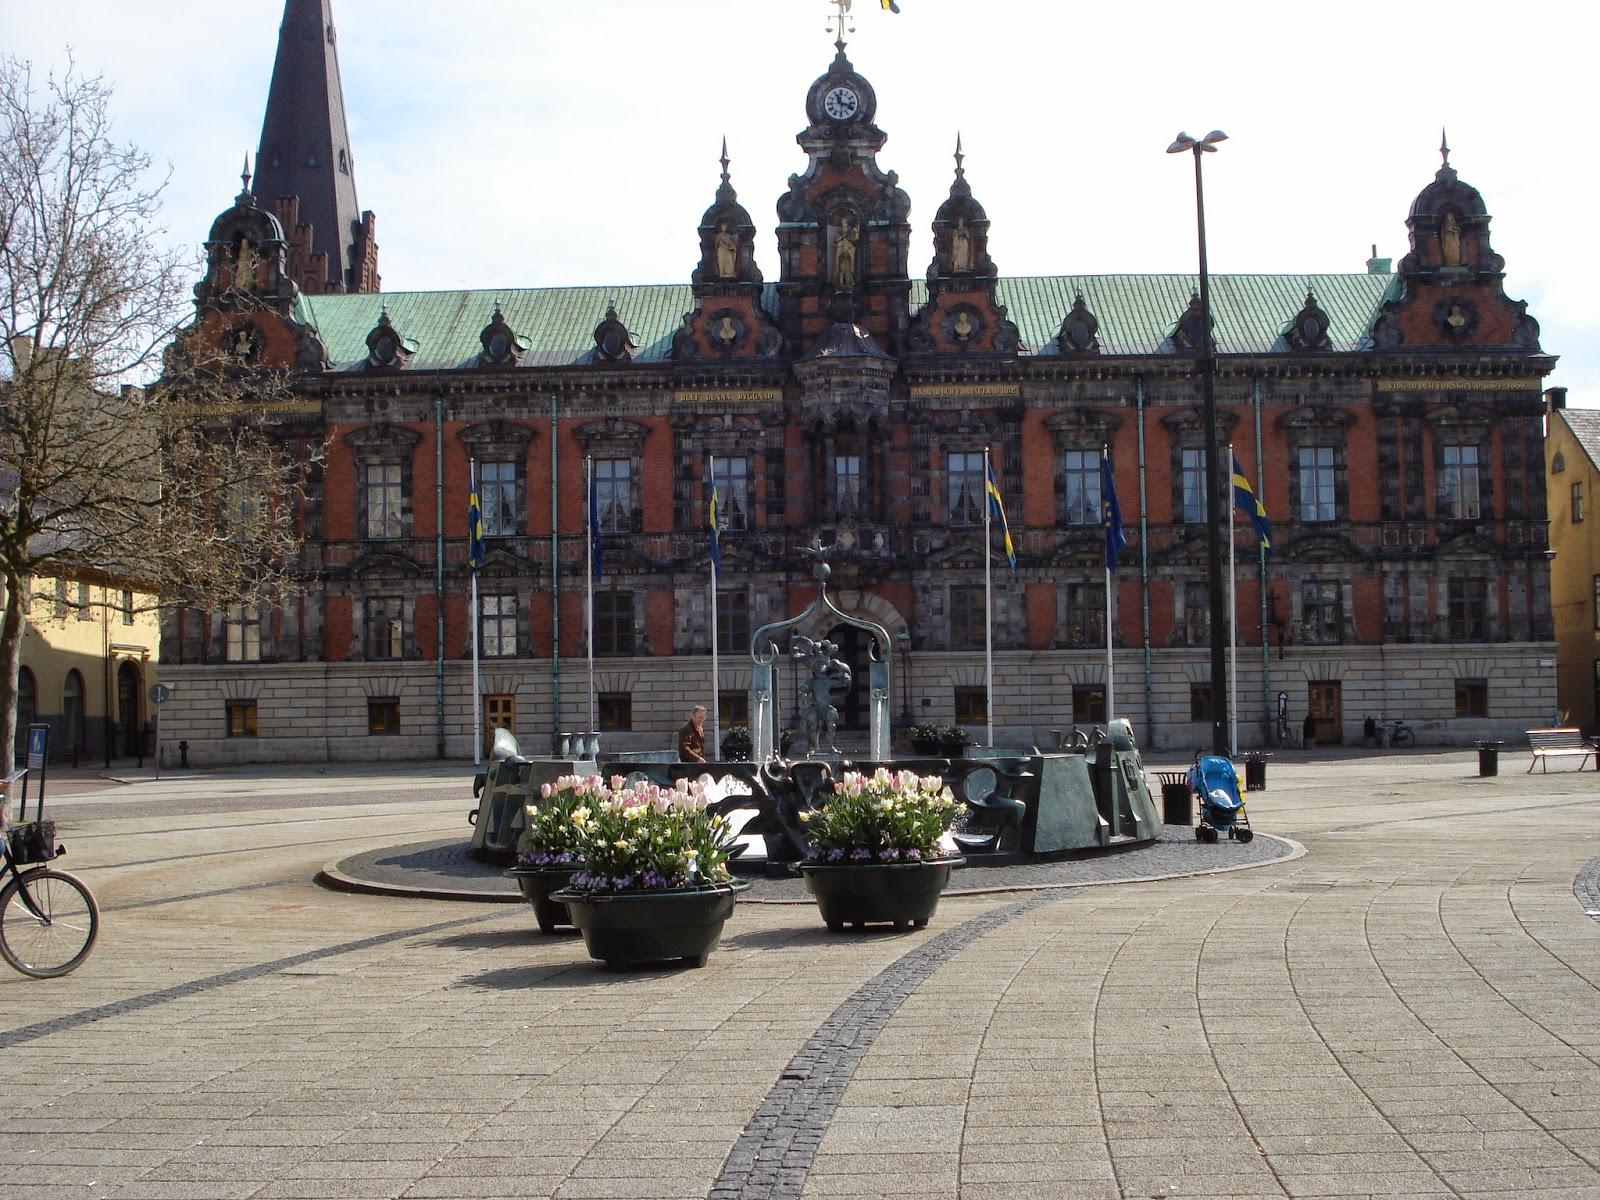 Livet i dukkehuset :): Turen gik til Malmø